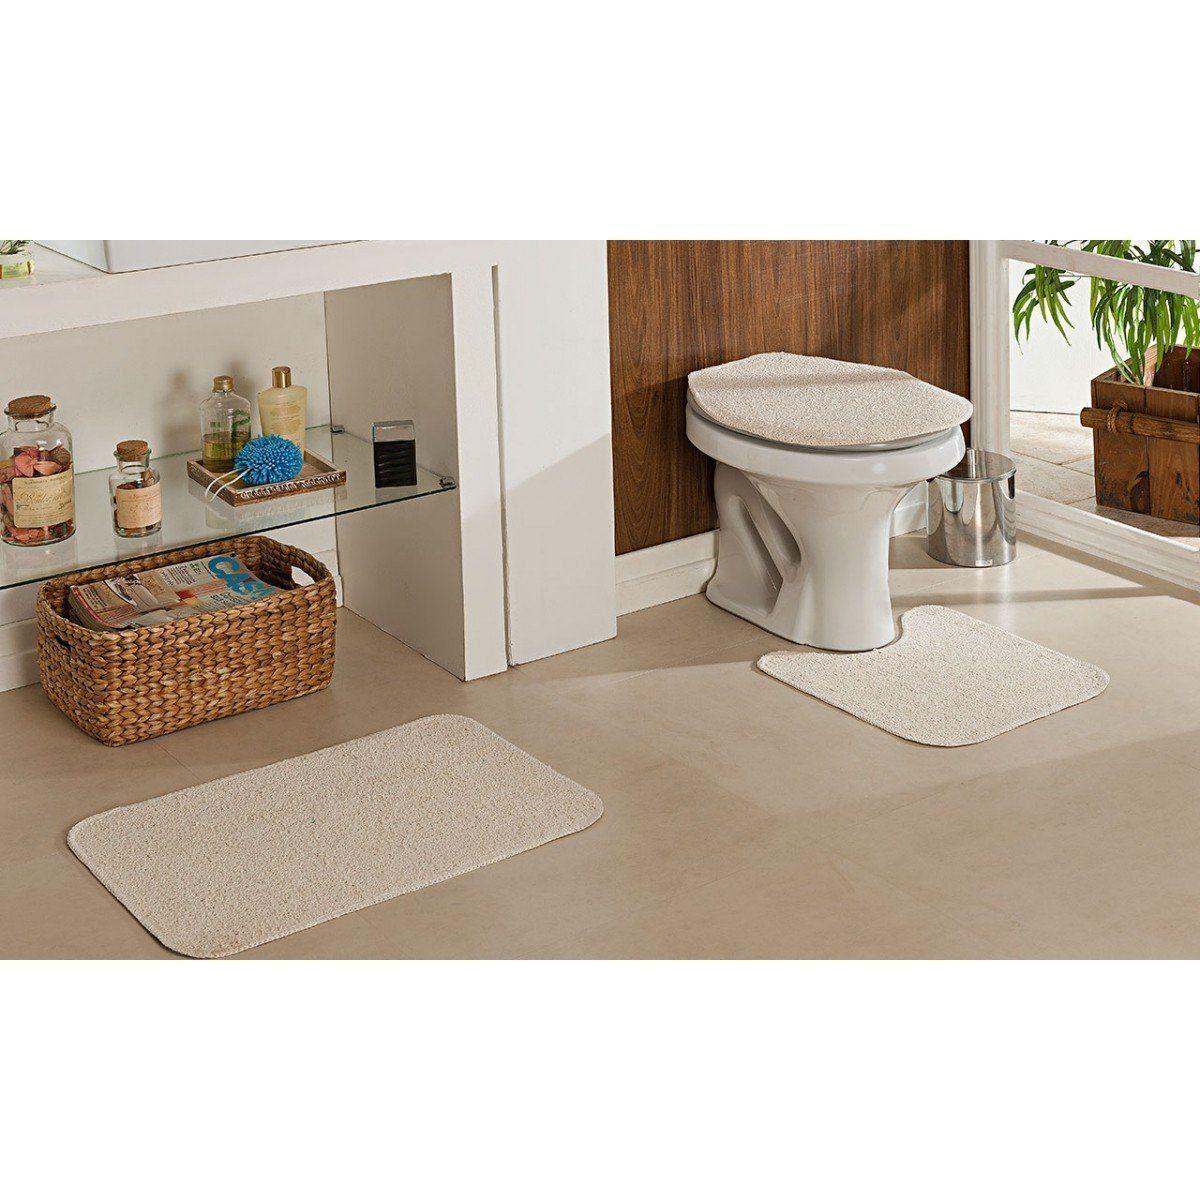 Jogo de Banheiro Natura 100% Algodão | Oasis